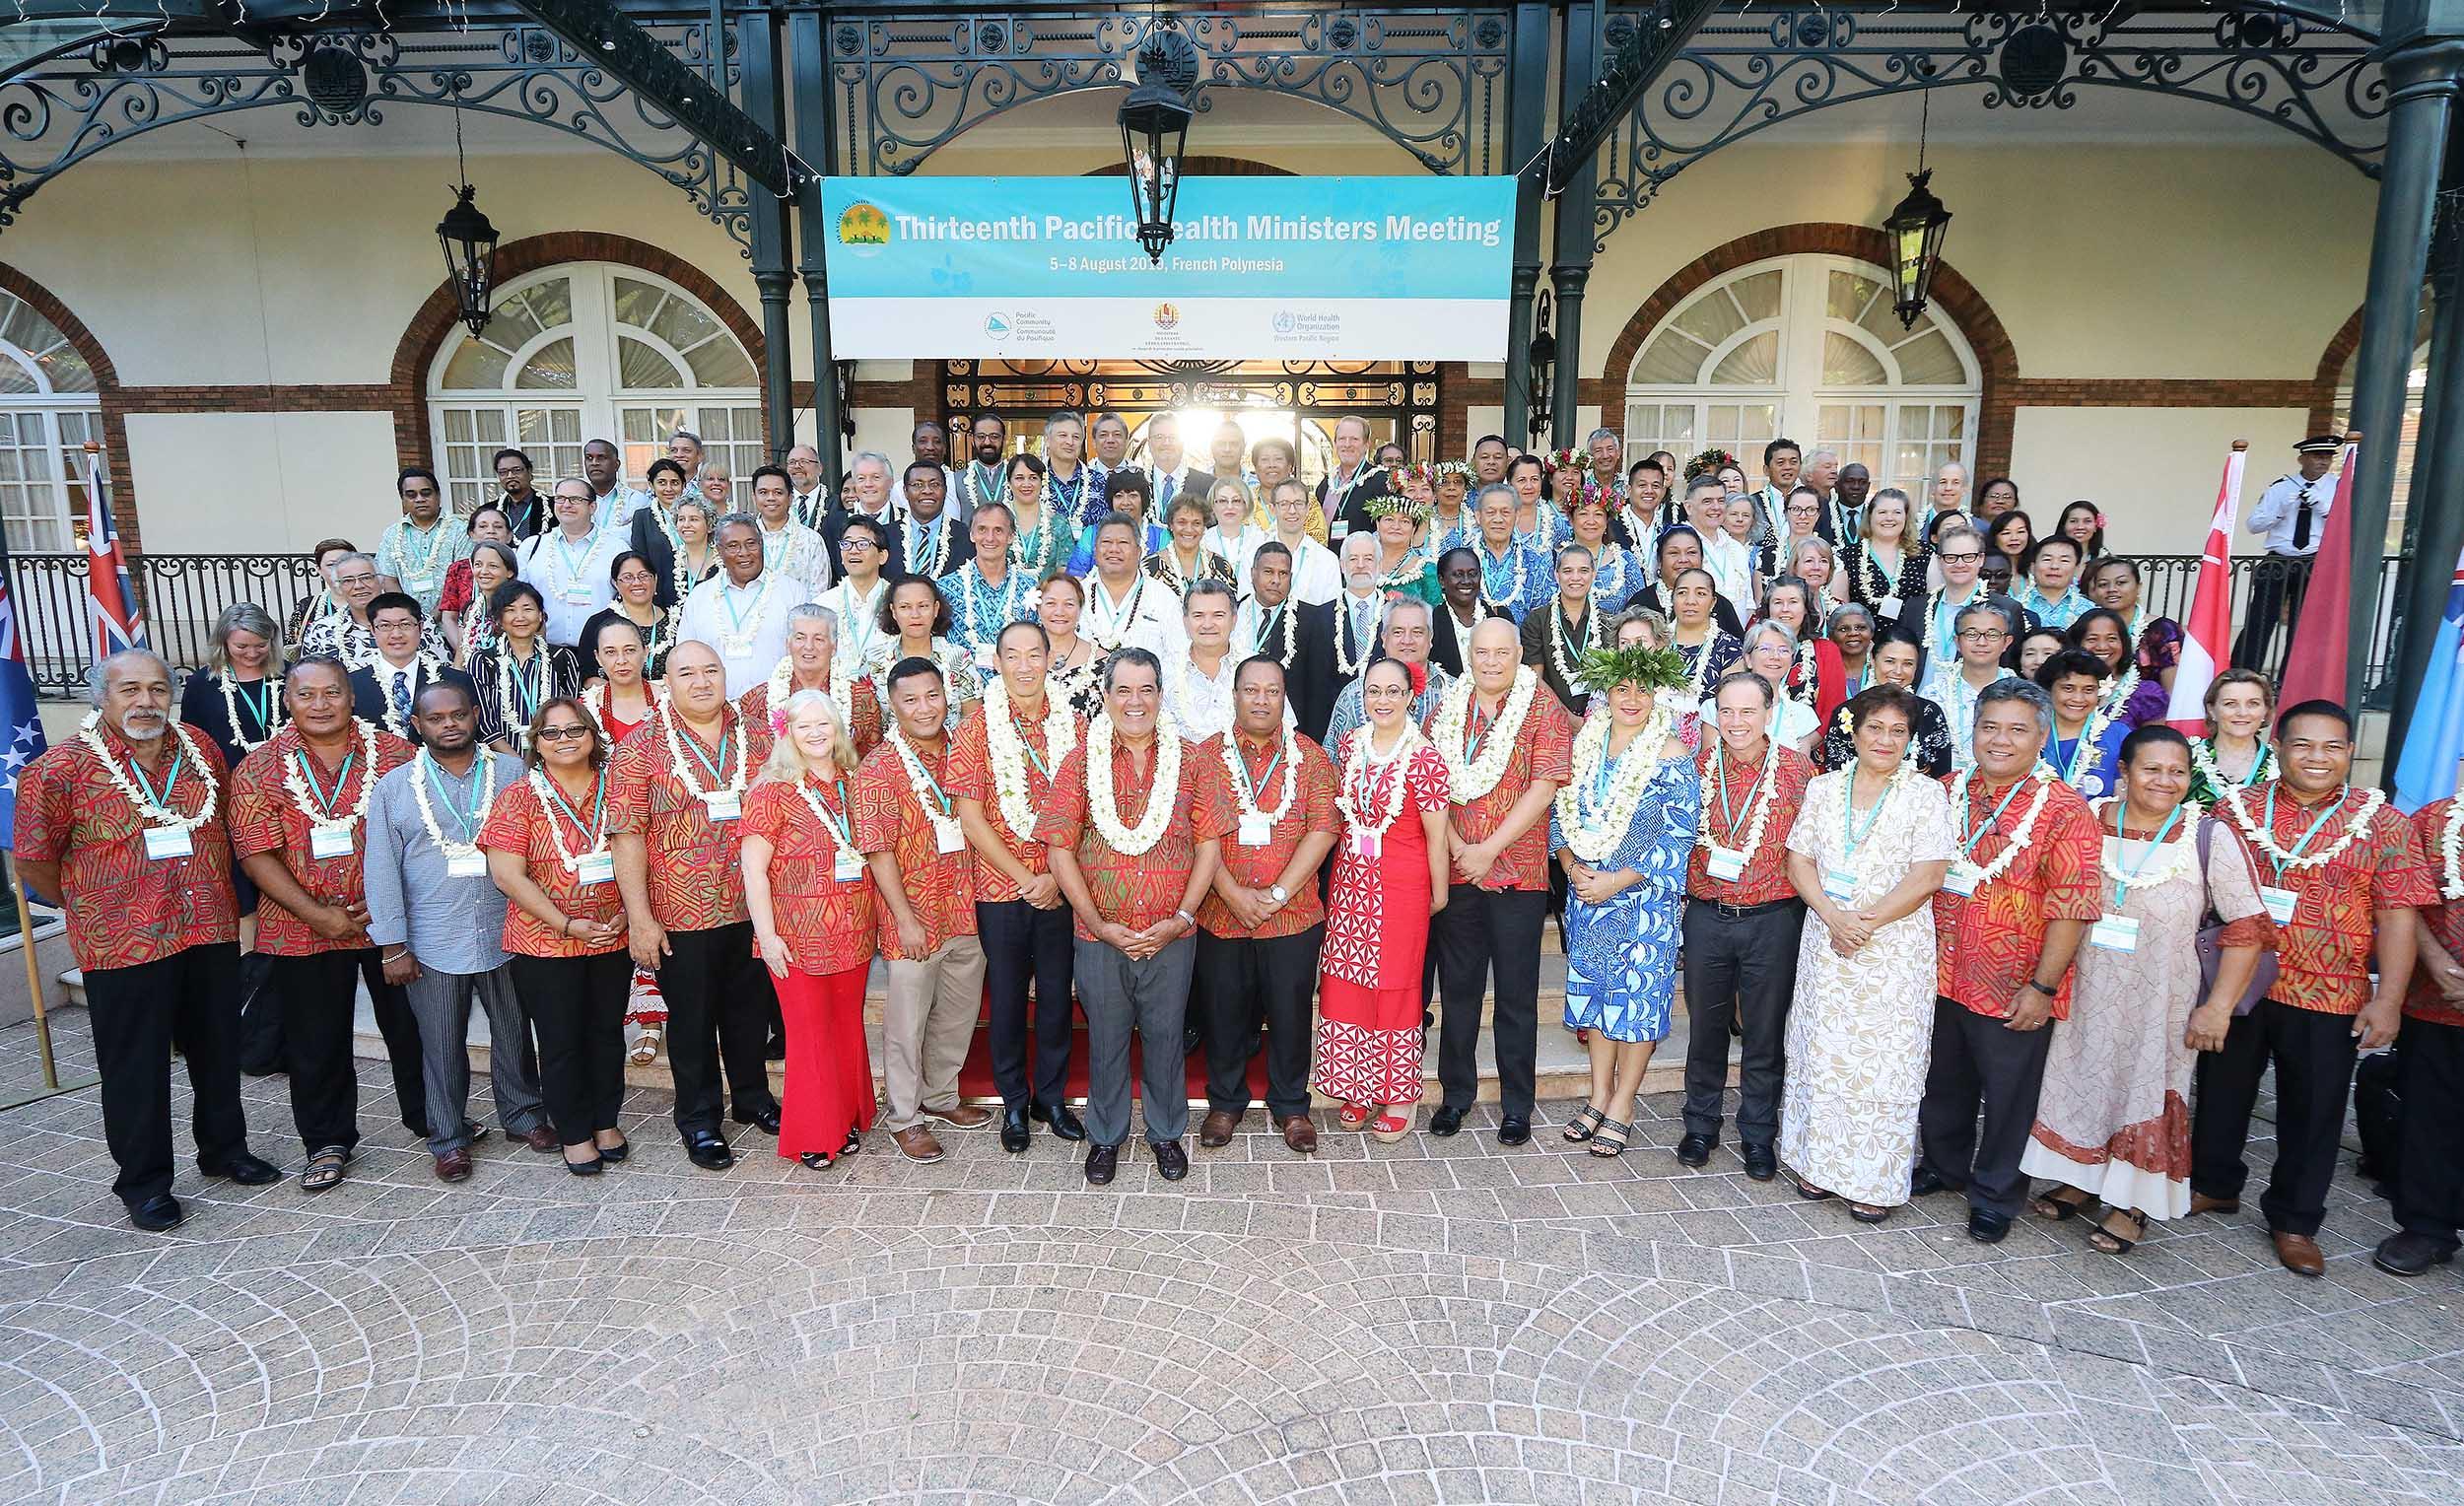 Vingt-quatre délégations, comprenant 22 Etats de la zone et deux organisations internationales -la communauté du Pacifique et l'OMS- sont réunies à Papeete pour aborder les grandes questions communes en matière de santé qui se posent pour ces pays. Crédit Présidence de la Polynésie française.